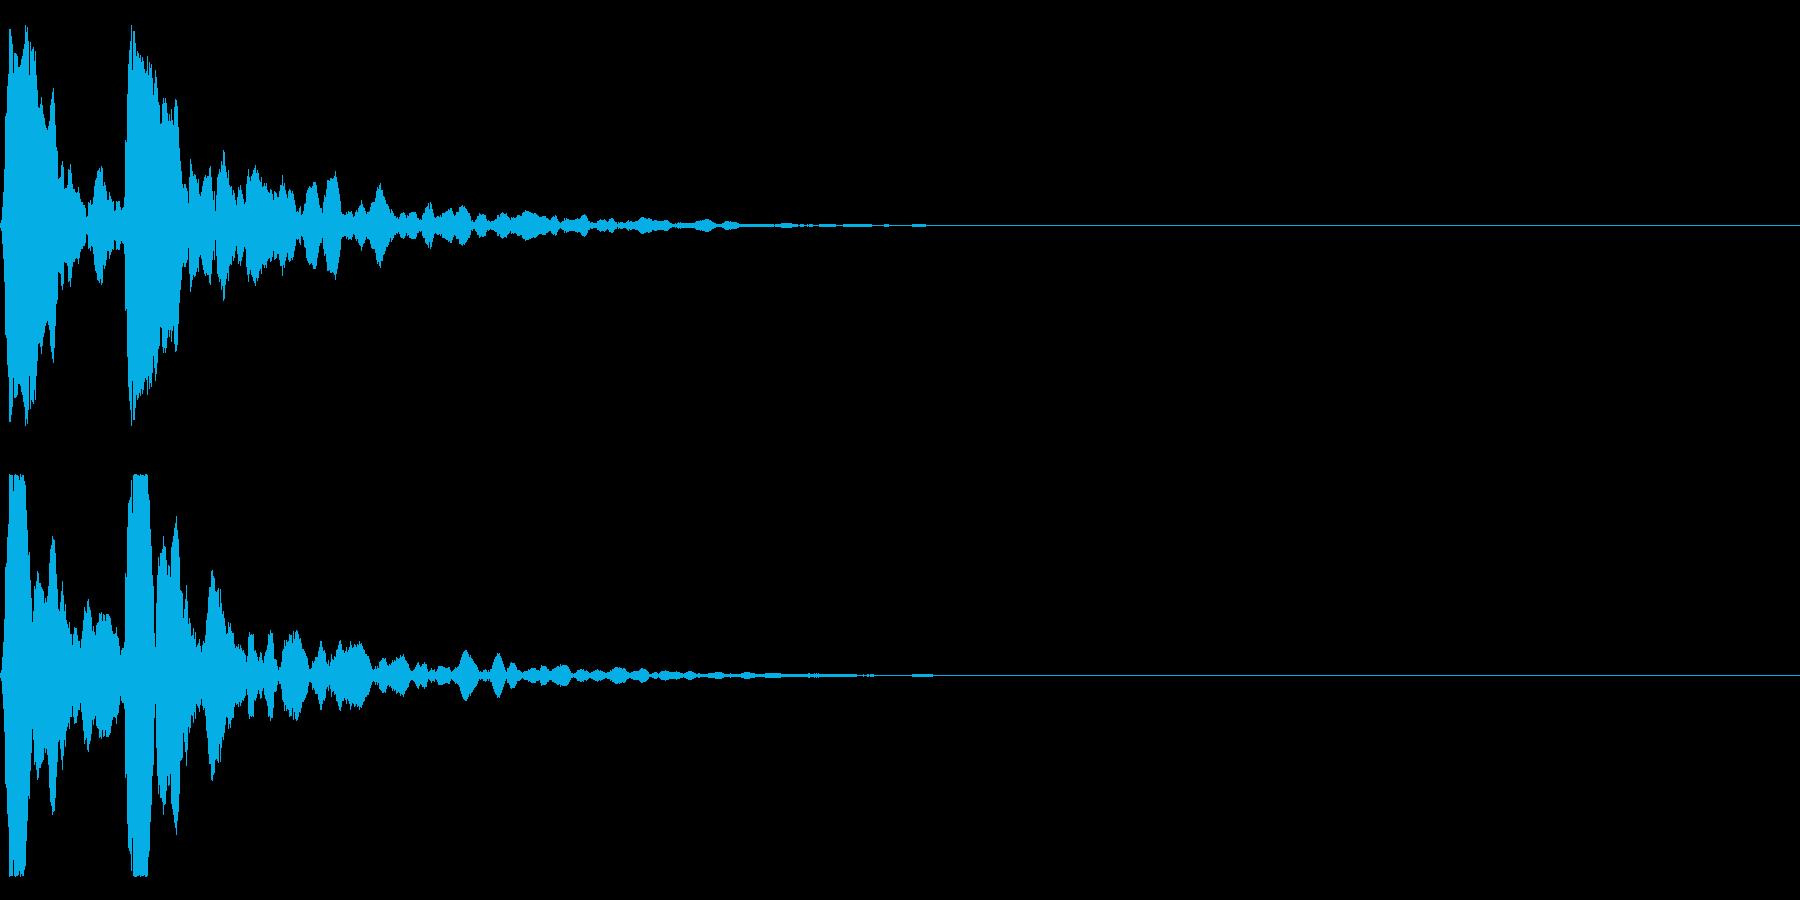 ポポン!音程低め鼓の基本の音!エフェクトの再生済みの波形